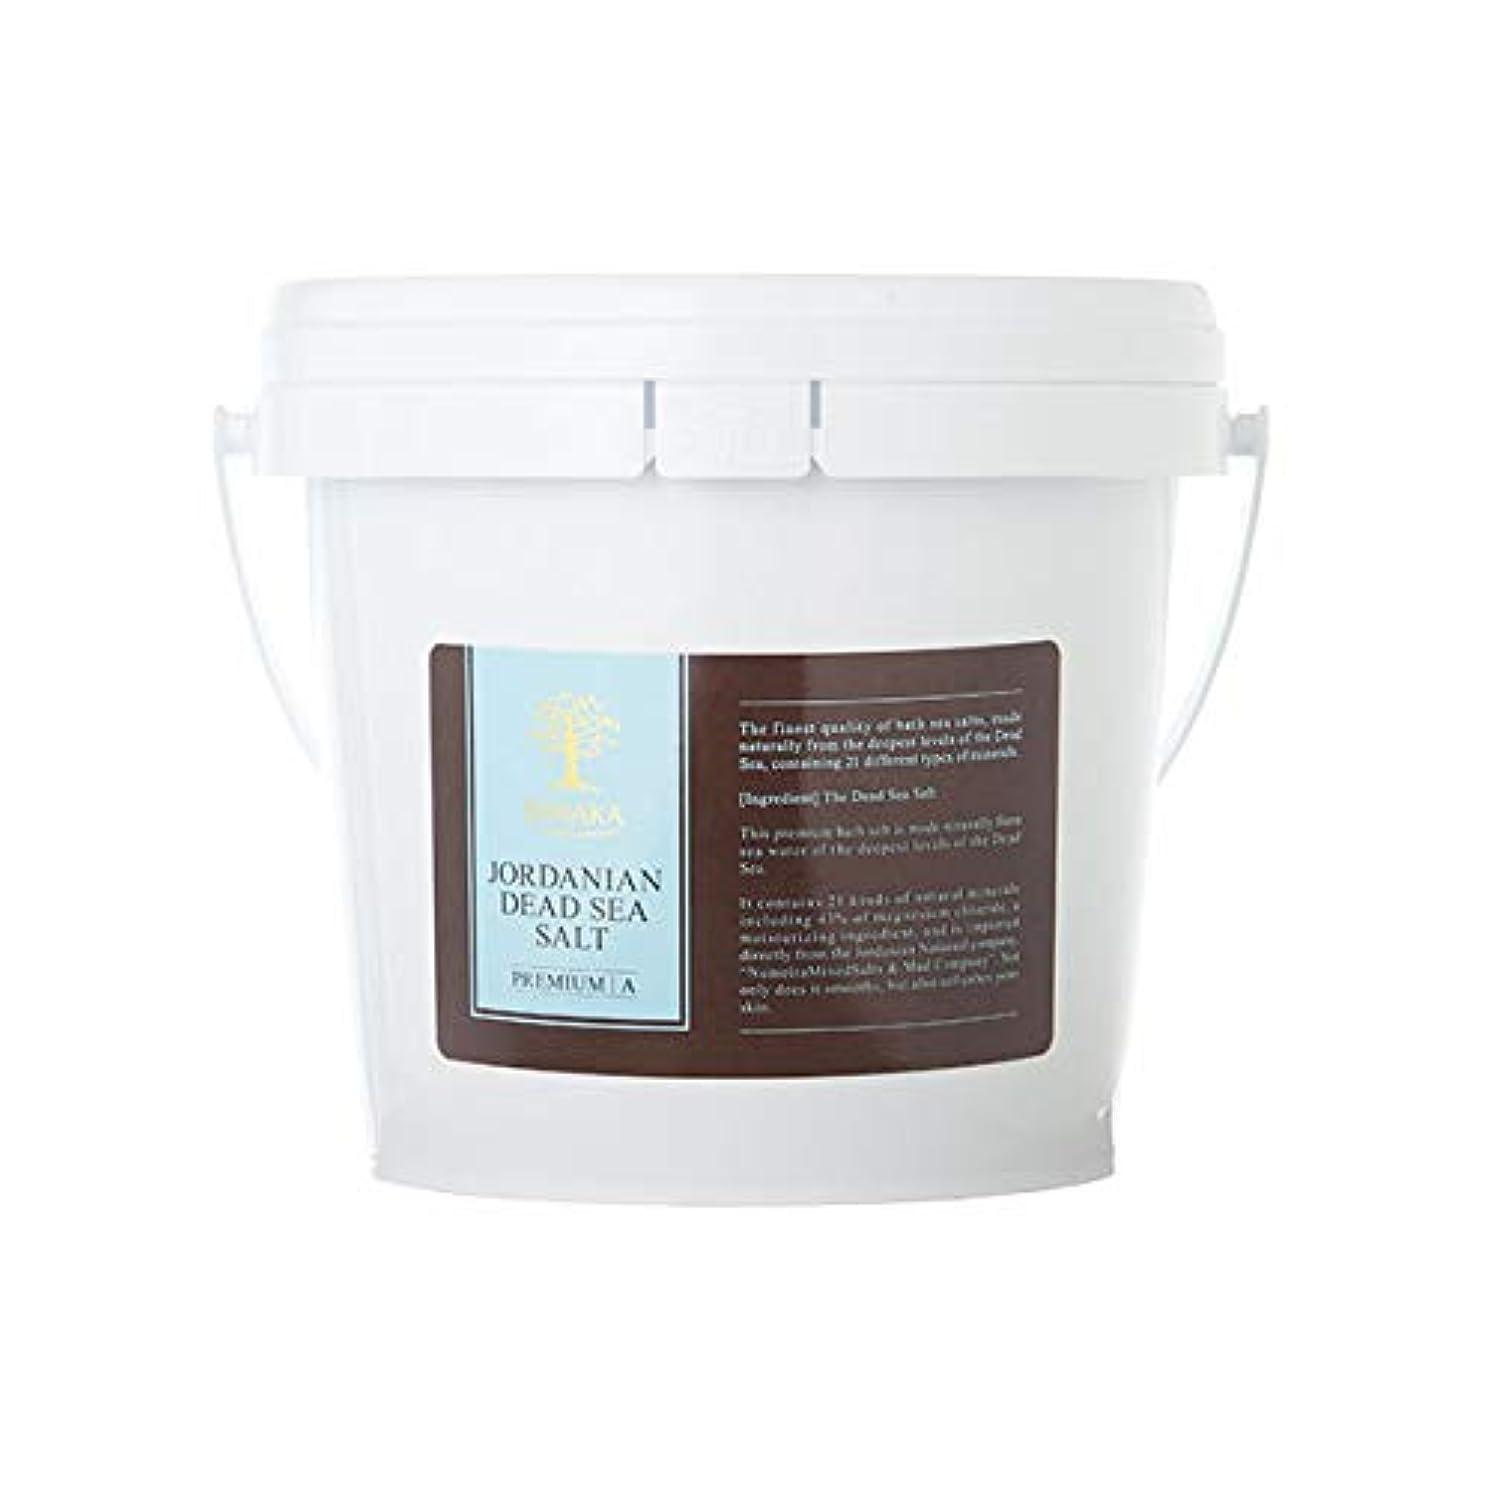 そして冷酷な凍結BARAKA(バラカ) ジョルダニアン デッドシー ソルト バケツ 1.5kg バスソルト 入浴剤 ヨルダン産死海塩100%